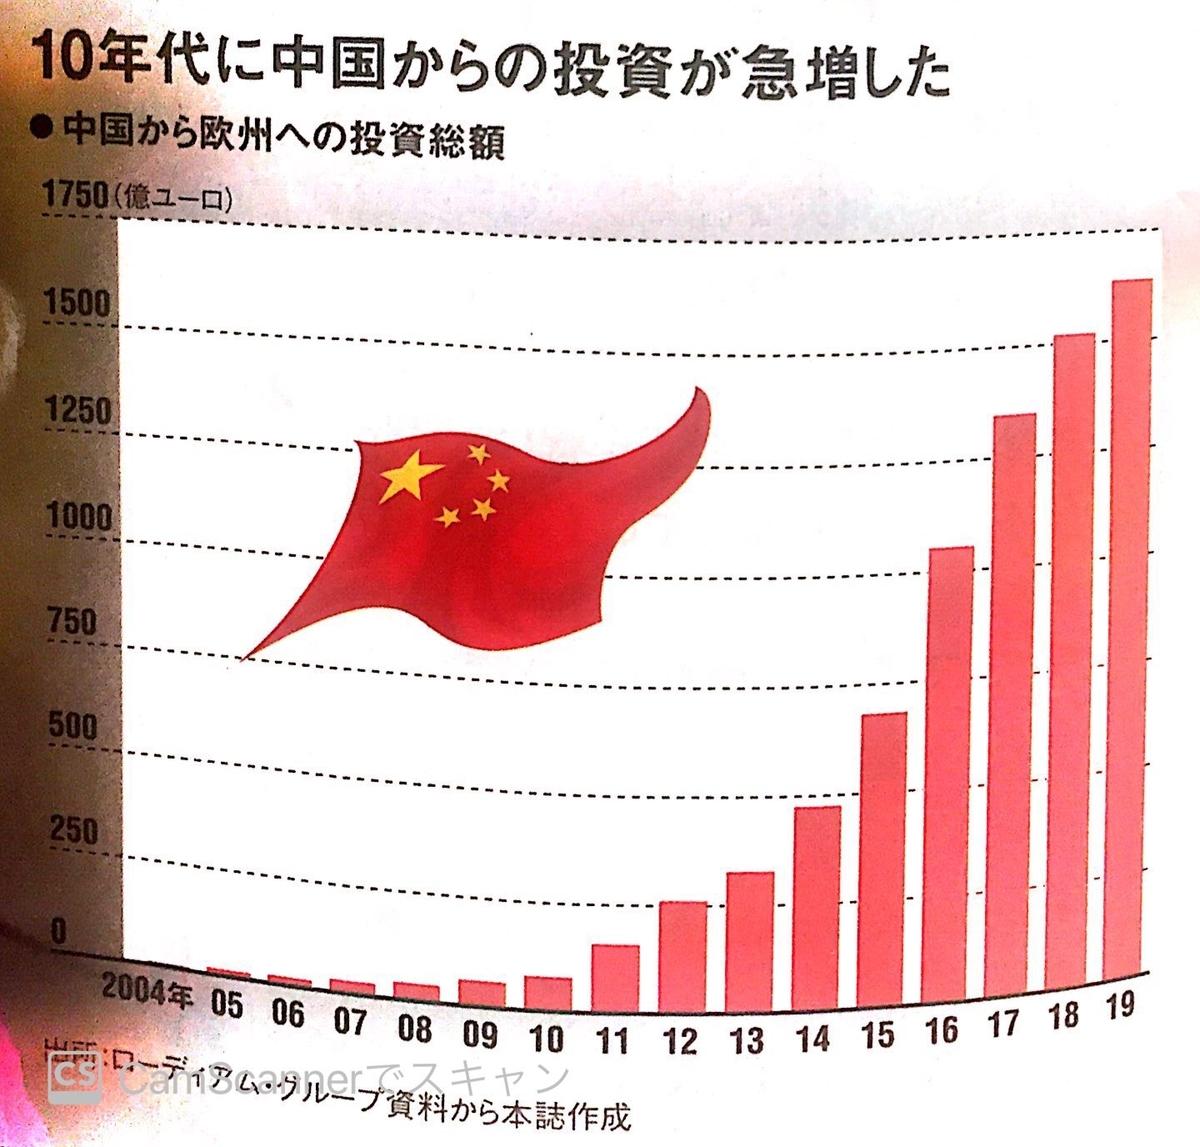 欧州への中国からの投資額推移